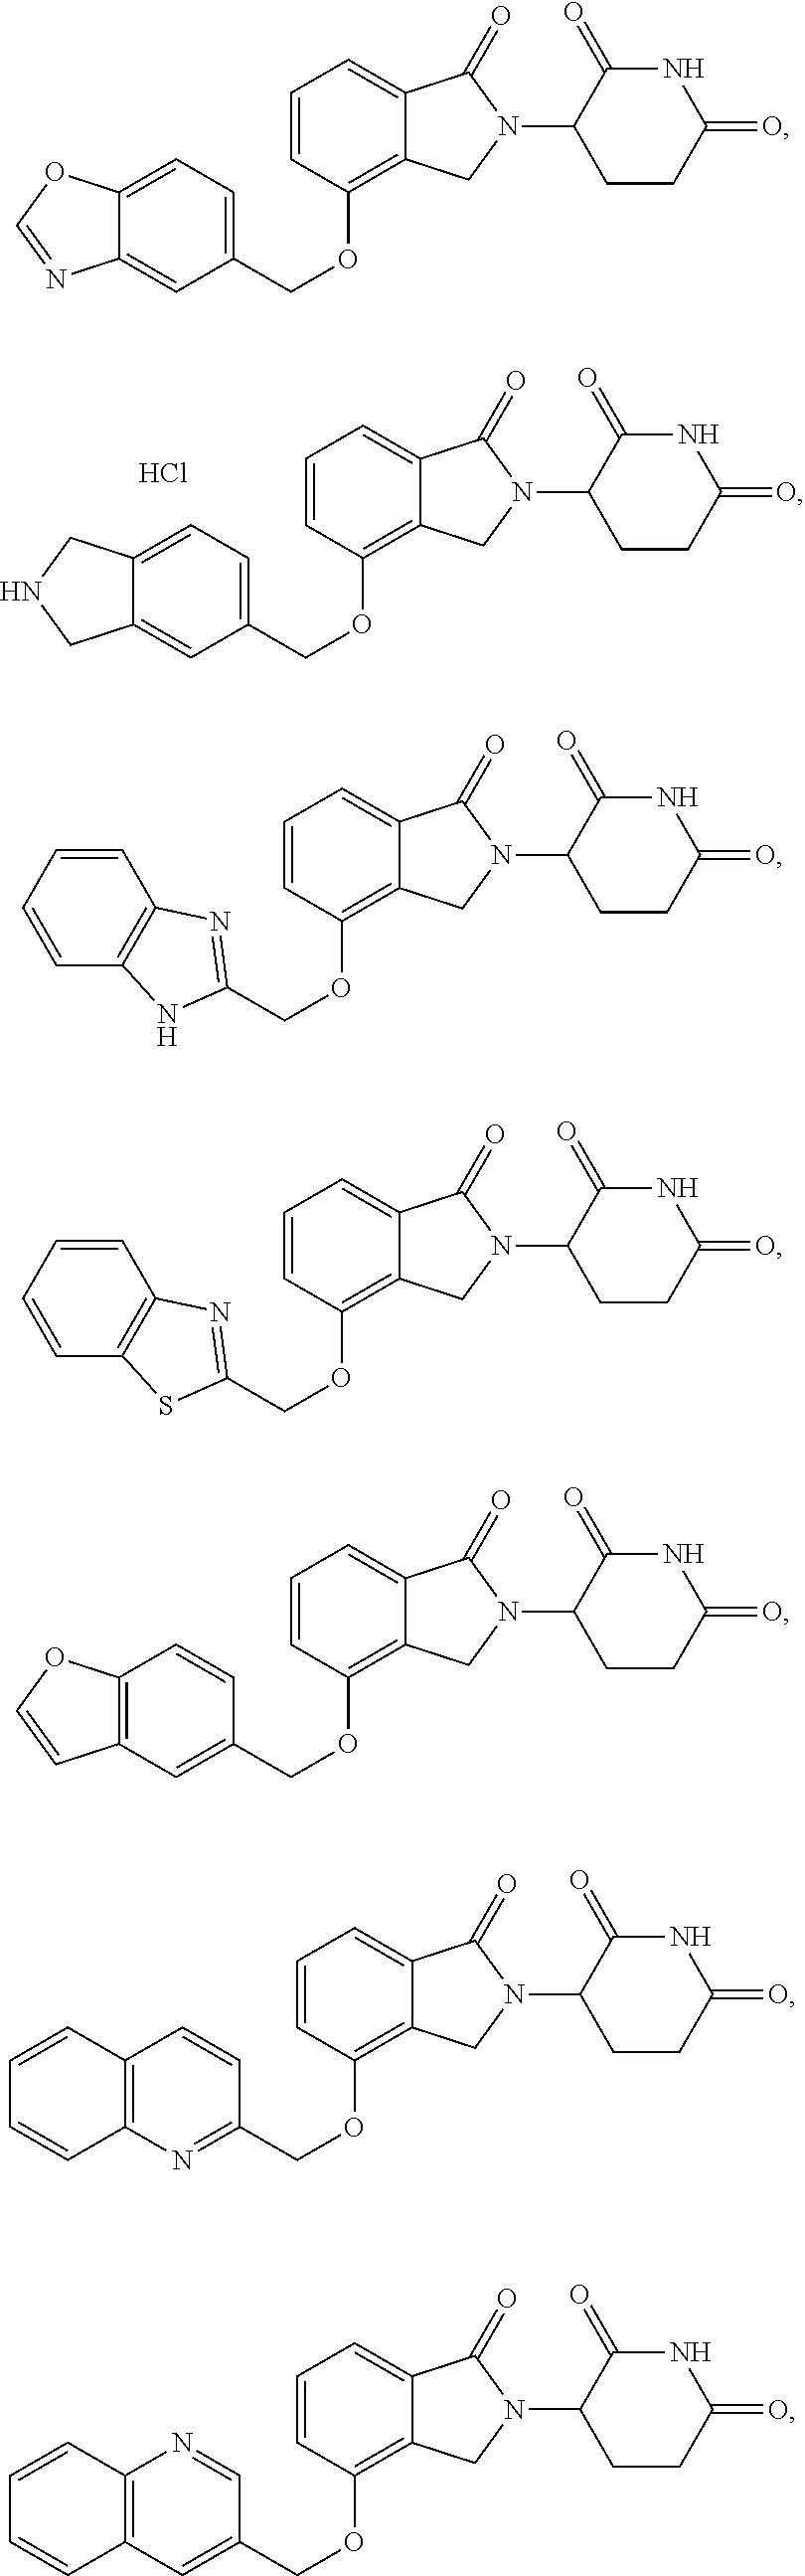 Figure US09587281-20170307-C00068